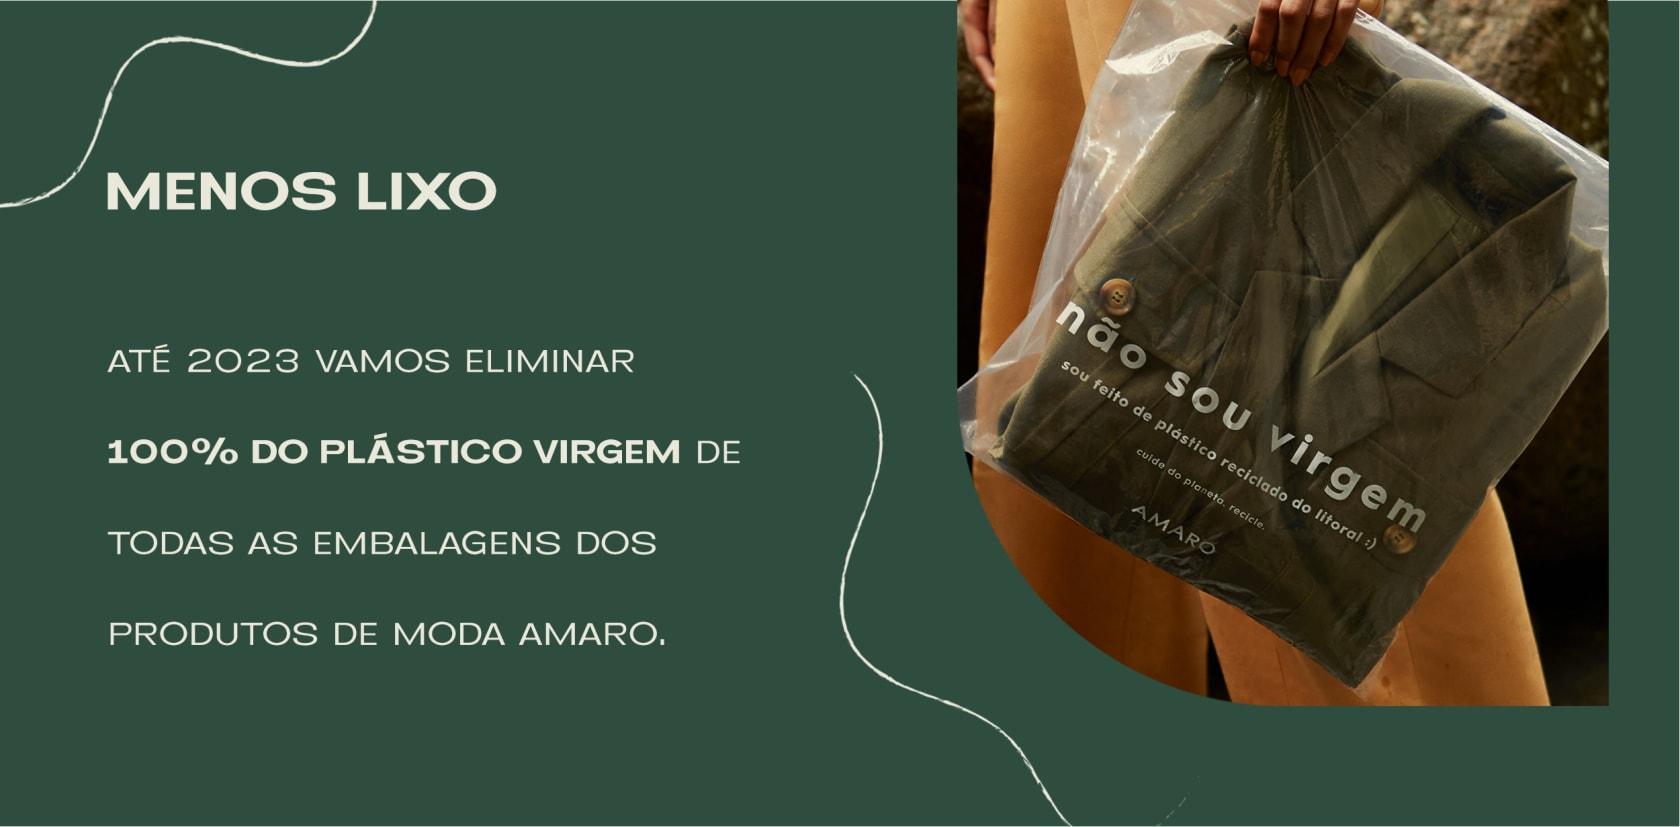 Até 2023 vamos eliminar 100% do plástico virgem de todas as embalagens dos produtos de moda AMARO.